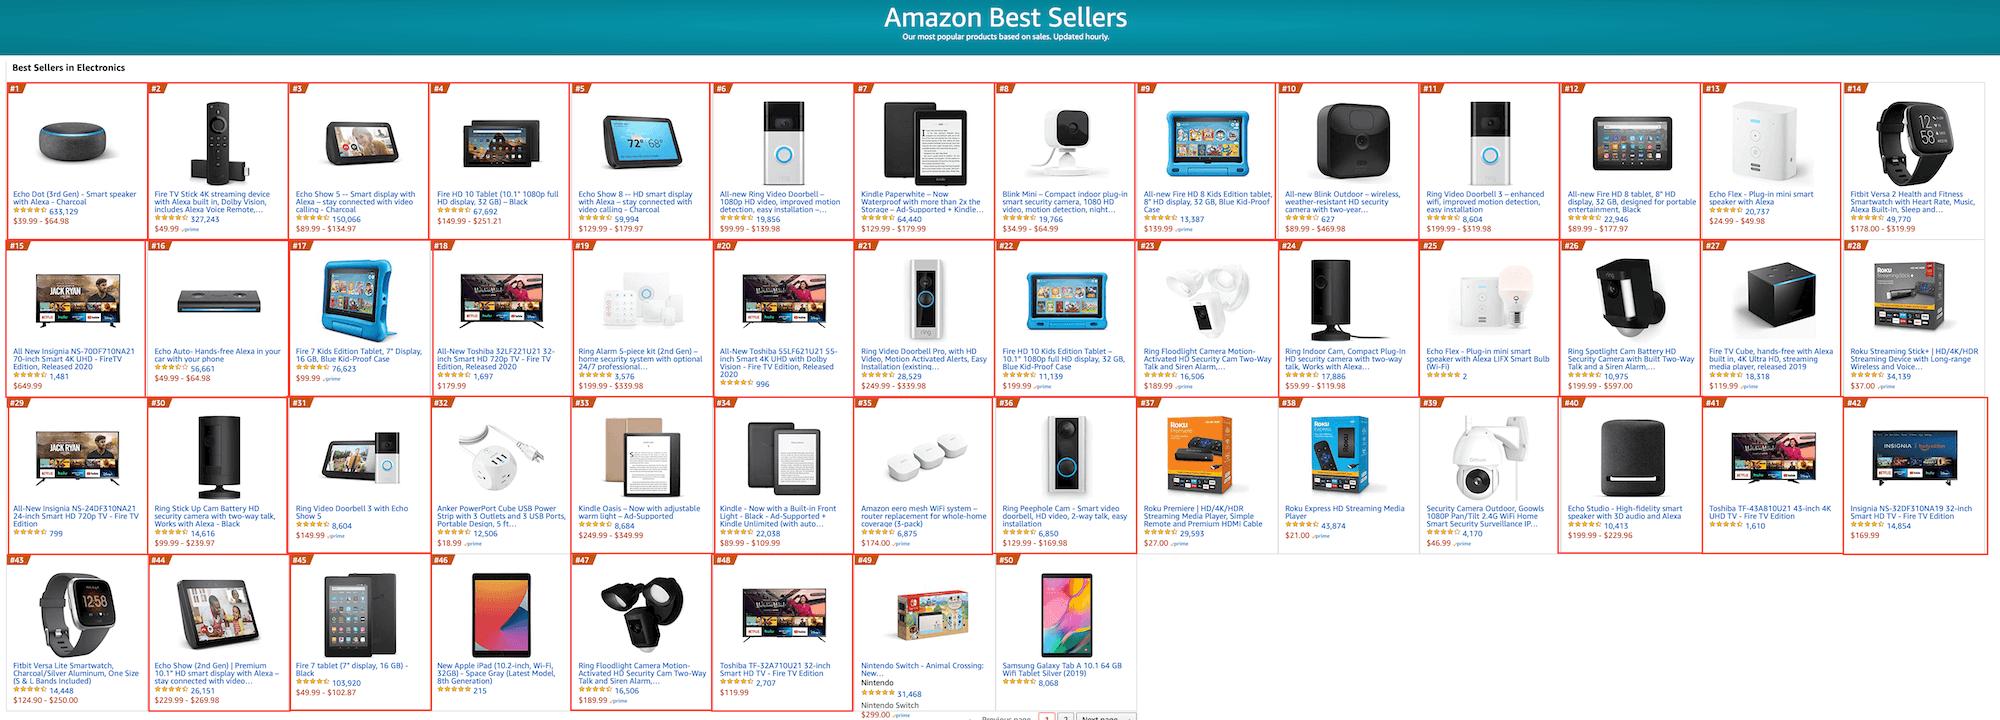 Appareils Amazon dans la catégorie Électronique pendant Prime Day